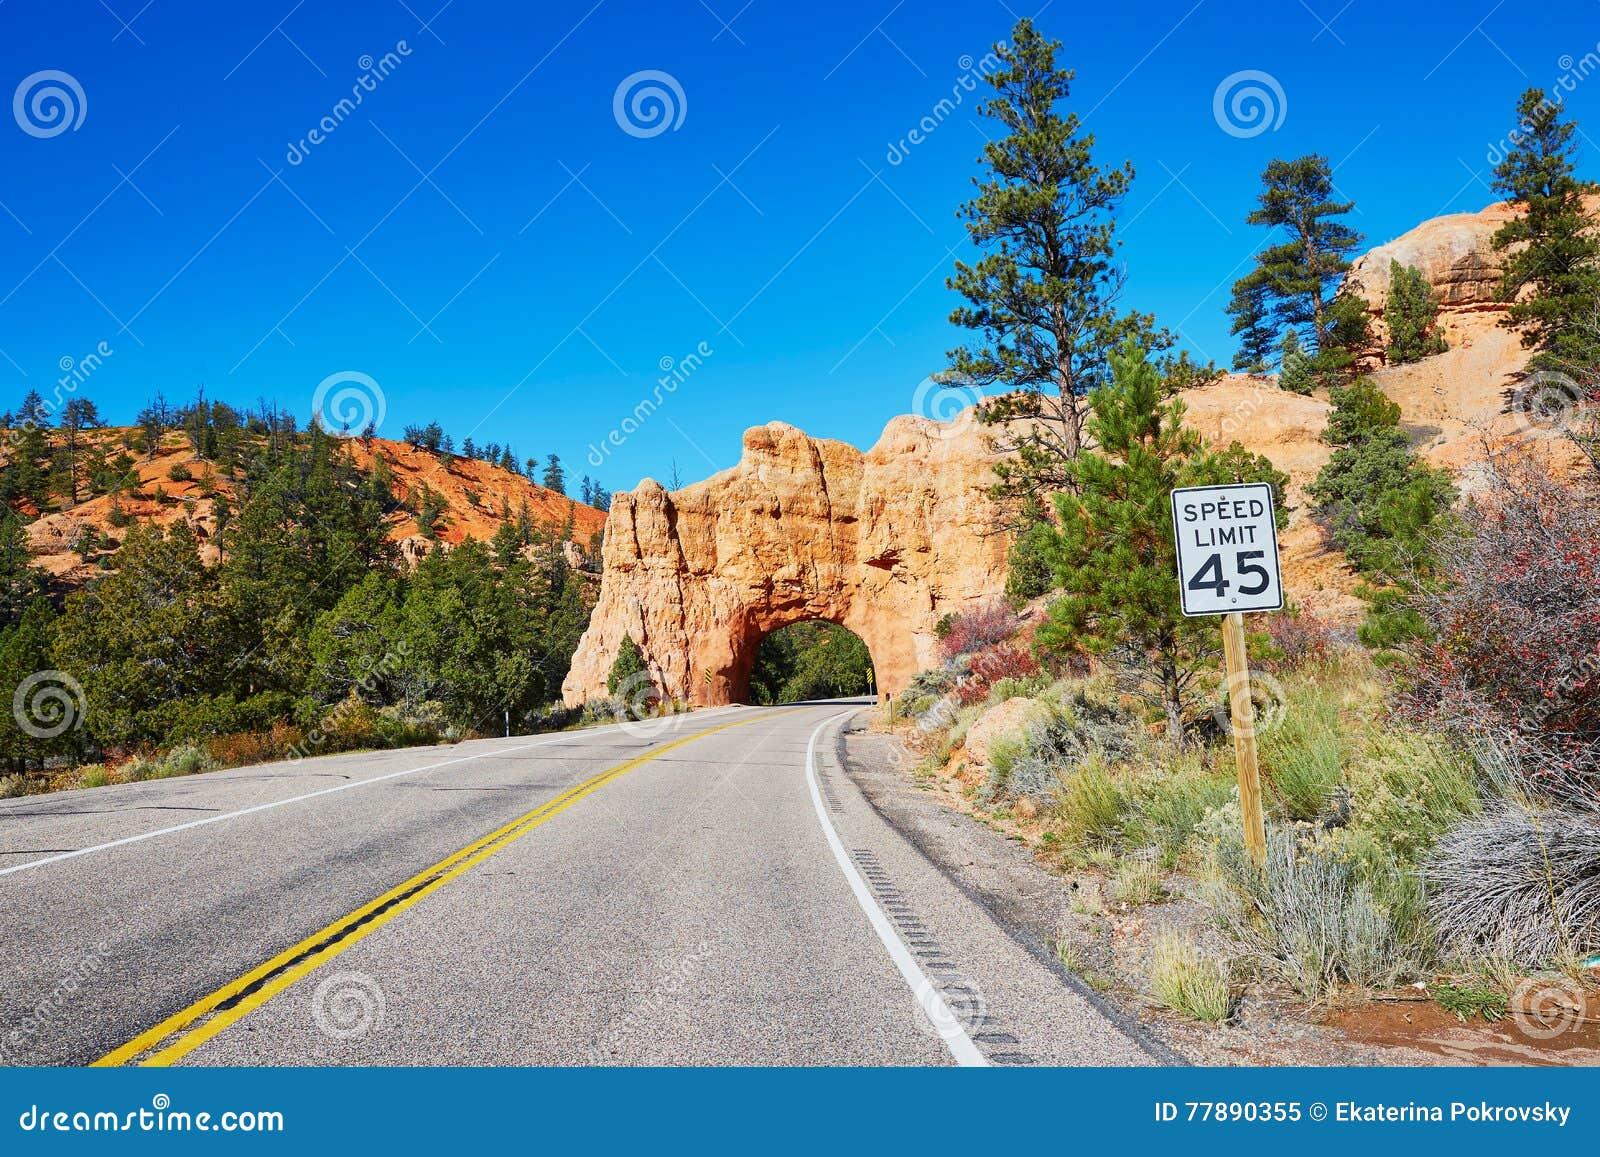 Puente Natural De La Piedra Arenisca Roja En Bryce Canyon National Park En Utah, Los E.E.U.U. Foto de archivo